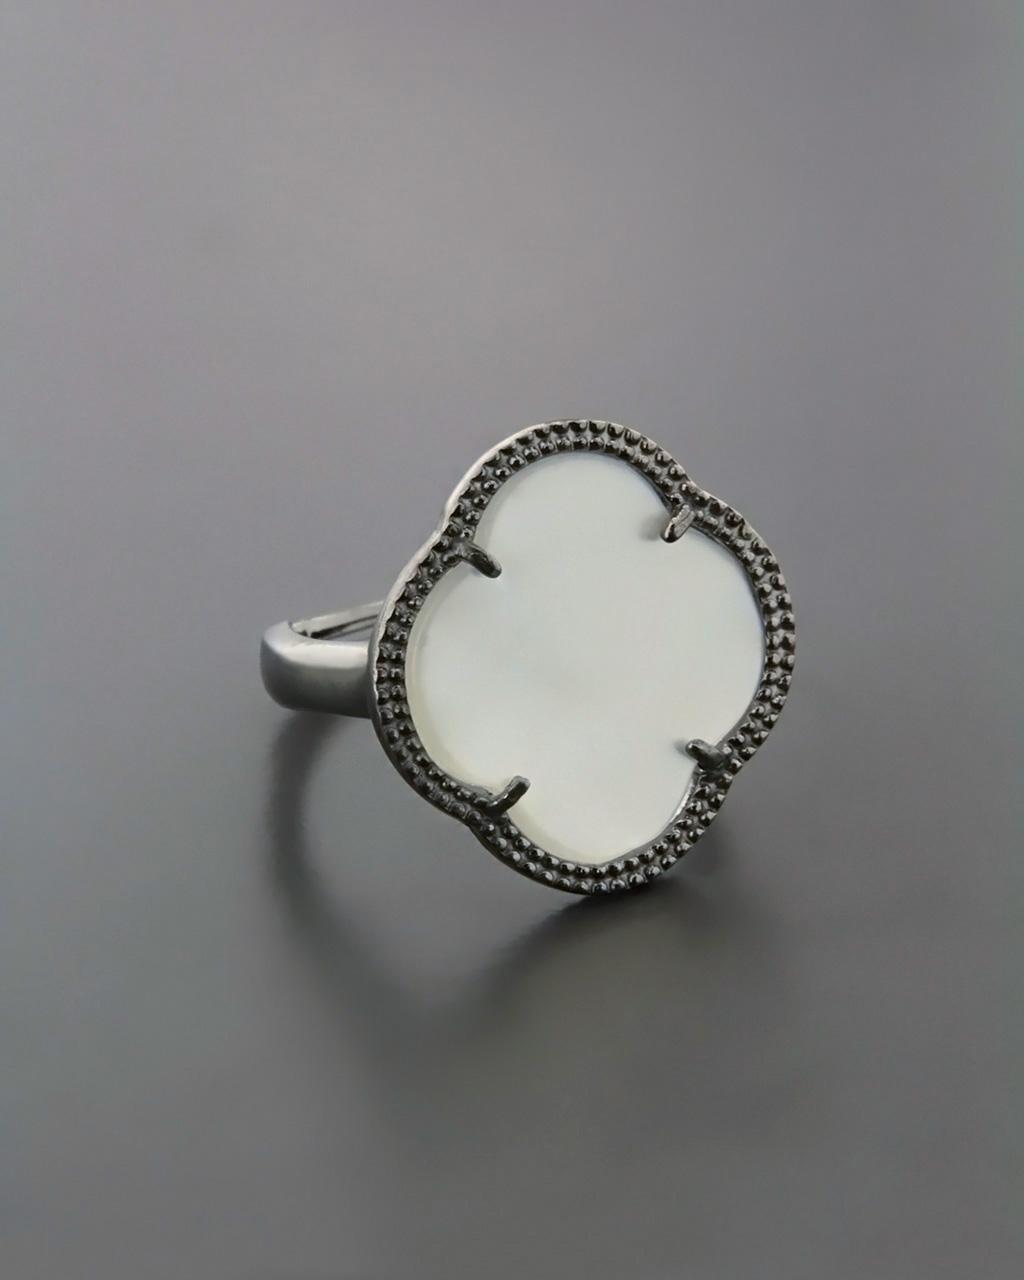 Δαχτυλίδι fashion με Ορυκτή πέτρα   γυναικα δαχτυλίδια δαχτυλίδια fashion